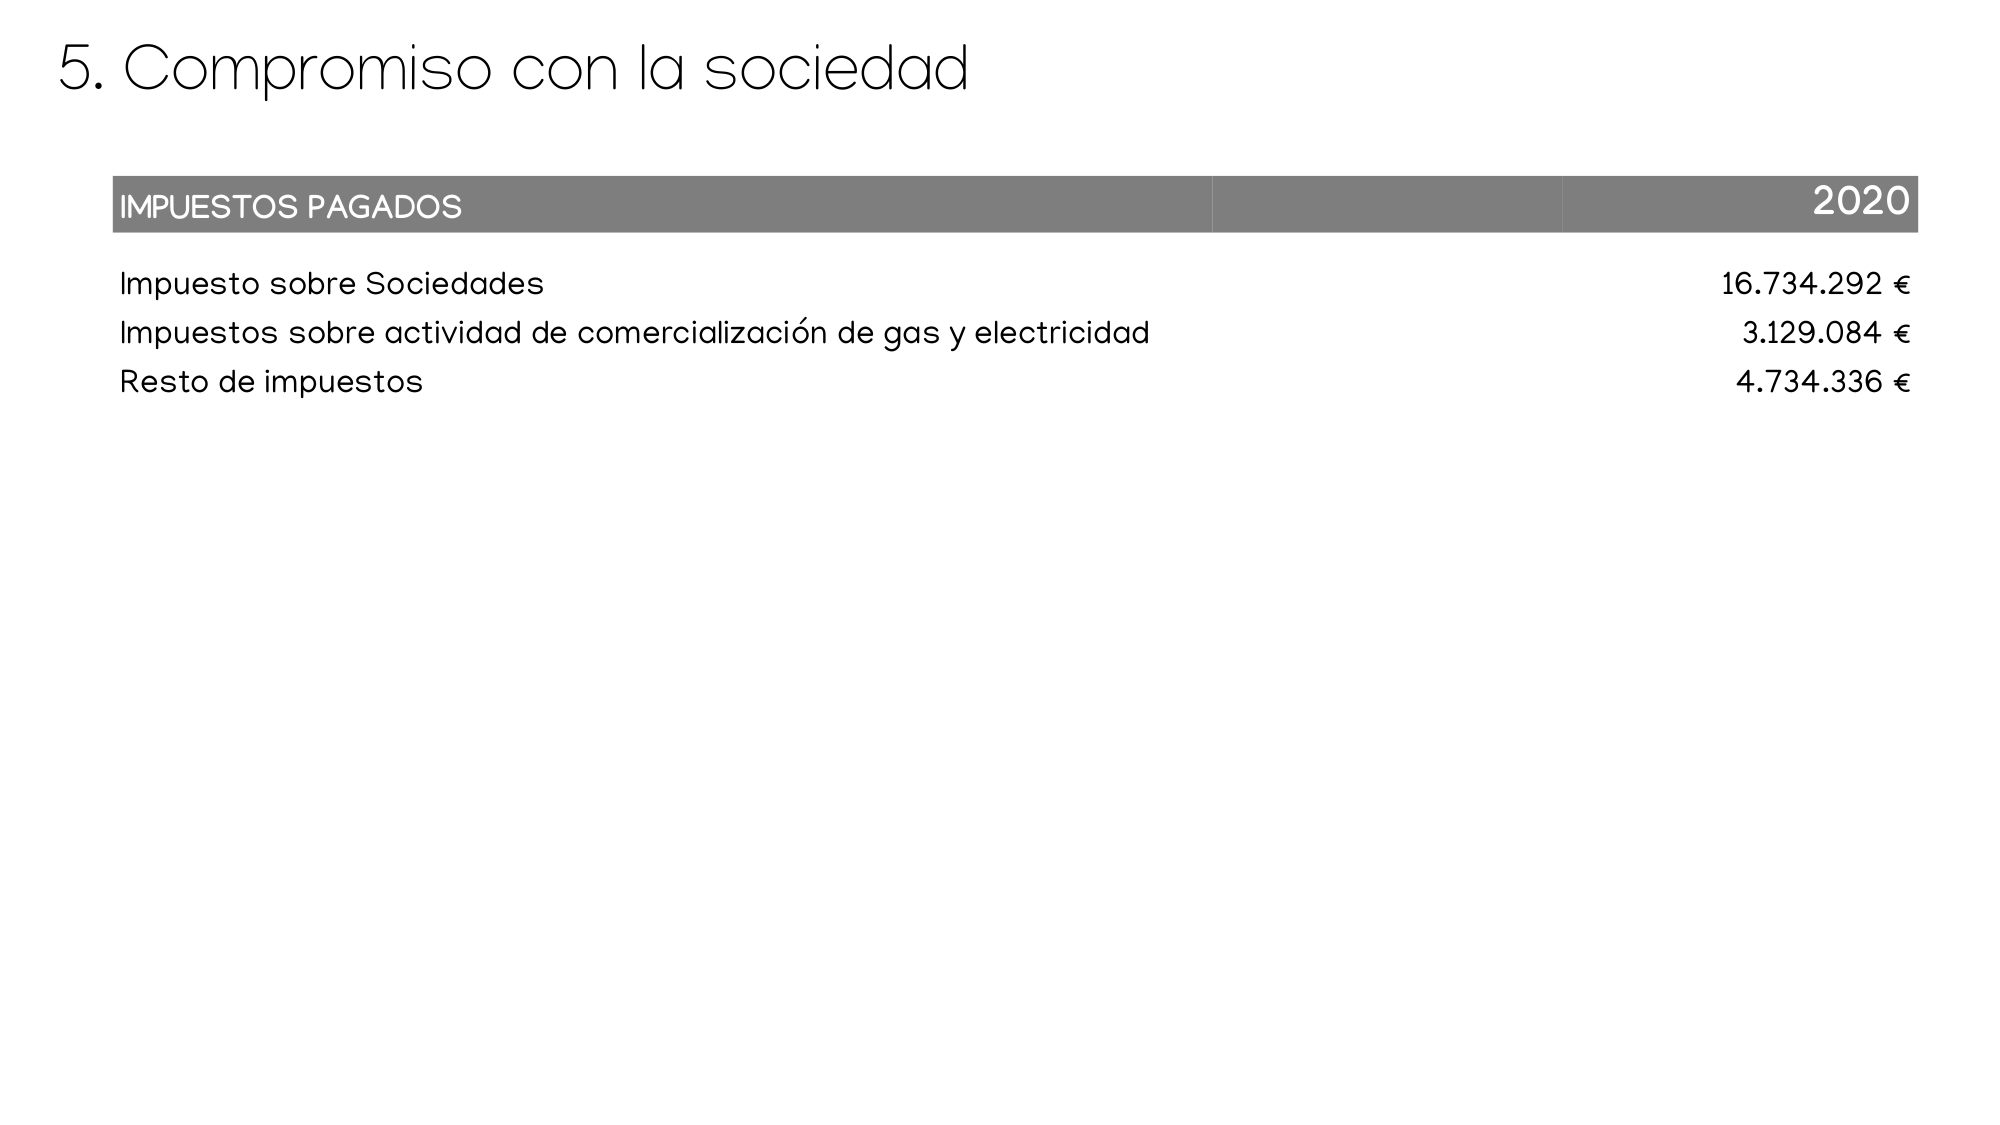 RESULTADOS_ pamesa_grupo_empresarial_page-0041